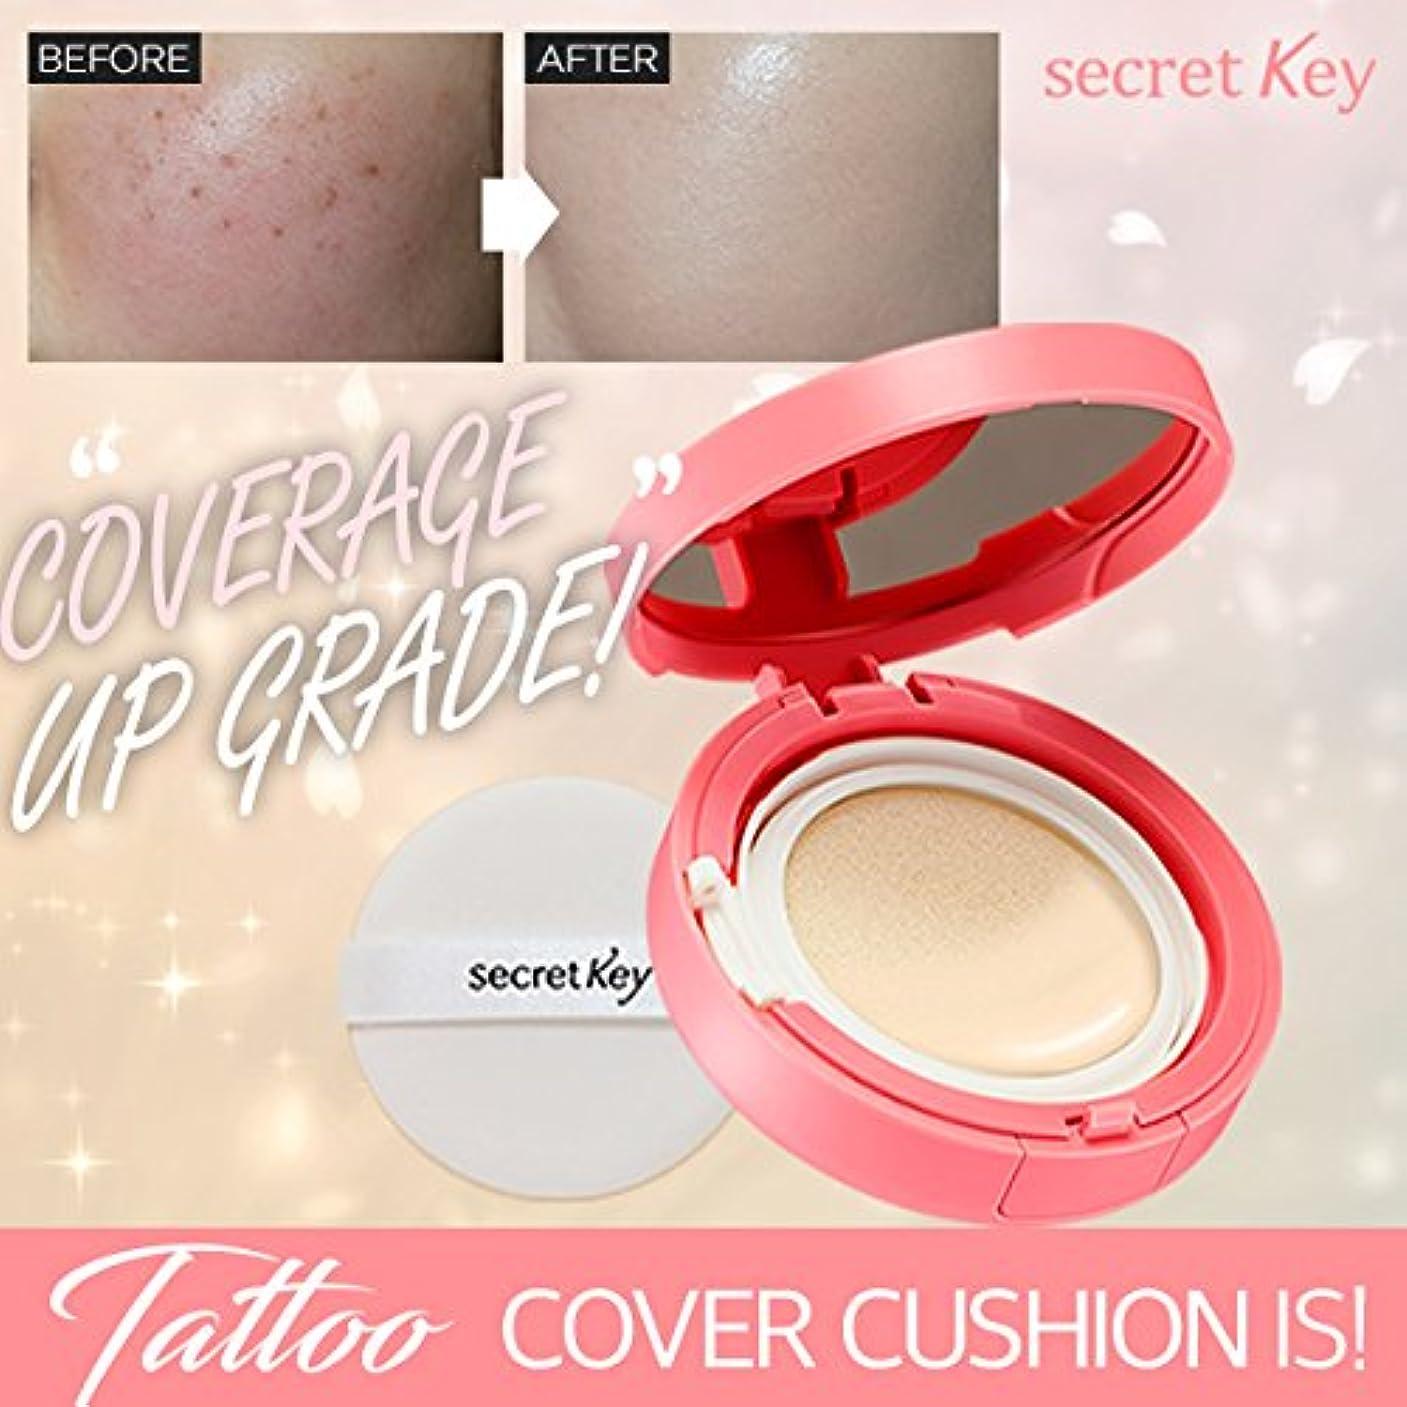 小競り合い広い義務Secretkey シークレットキー タトゥーカバークッション14g ピンクエディション 期間限定 Tattoo Cover Cushion Pink Edition 海外直送品 (ナチュラルベージュ23号)